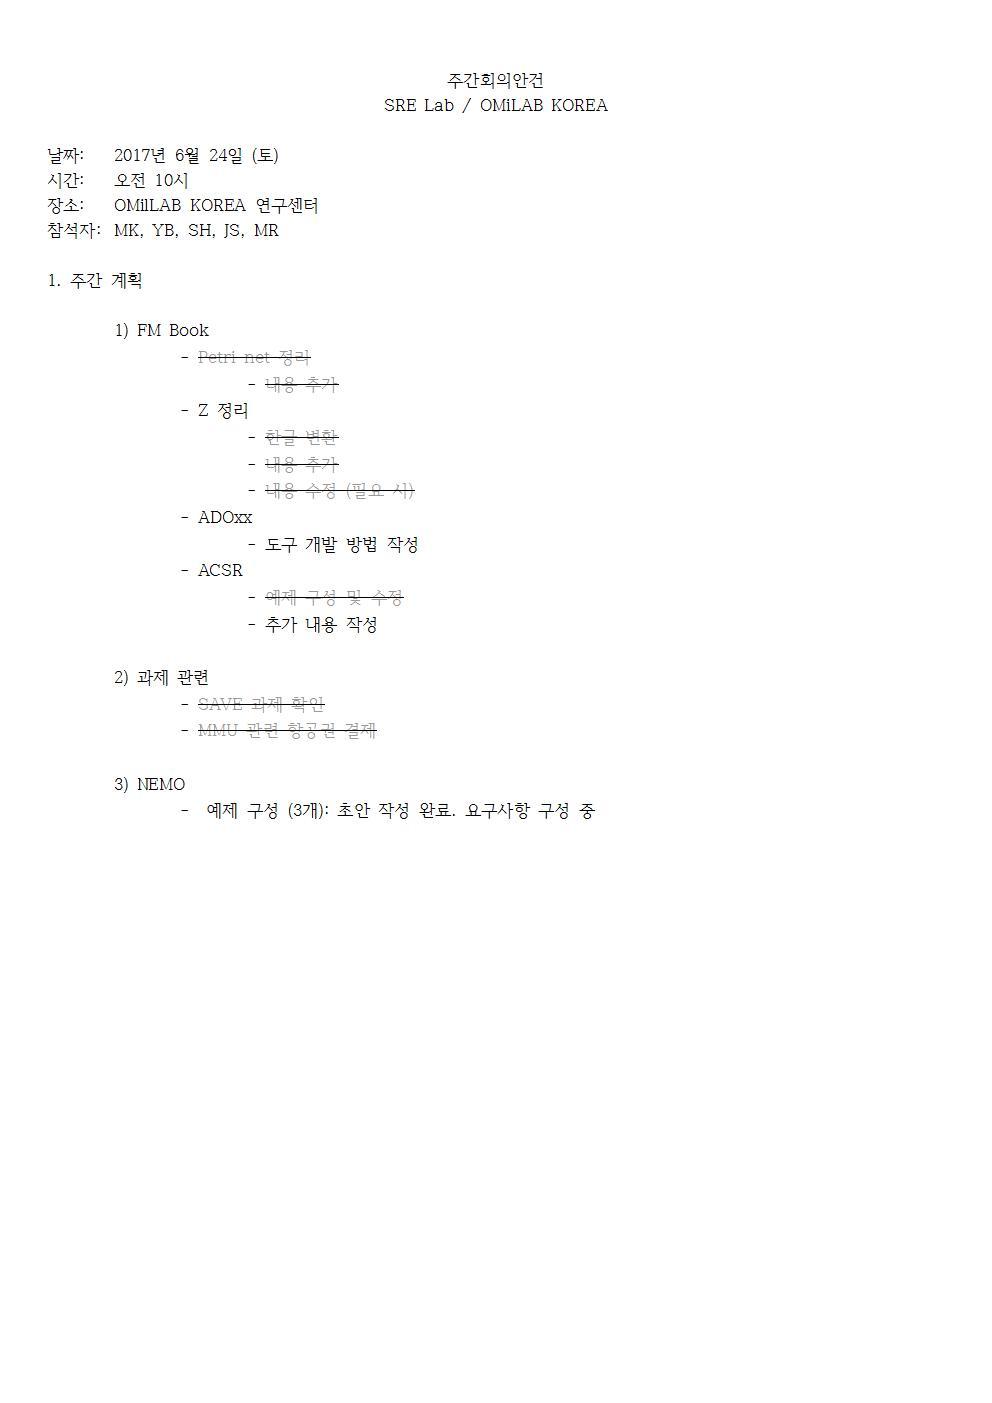 6-토-2017-06-24-PLAN(YB)001.jpg